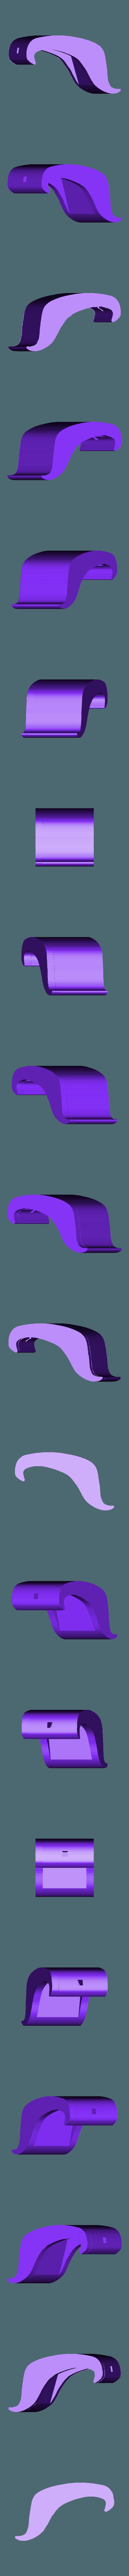 body seul .stl Download free STL file Santa's sled • 3D printable template, Motek3D